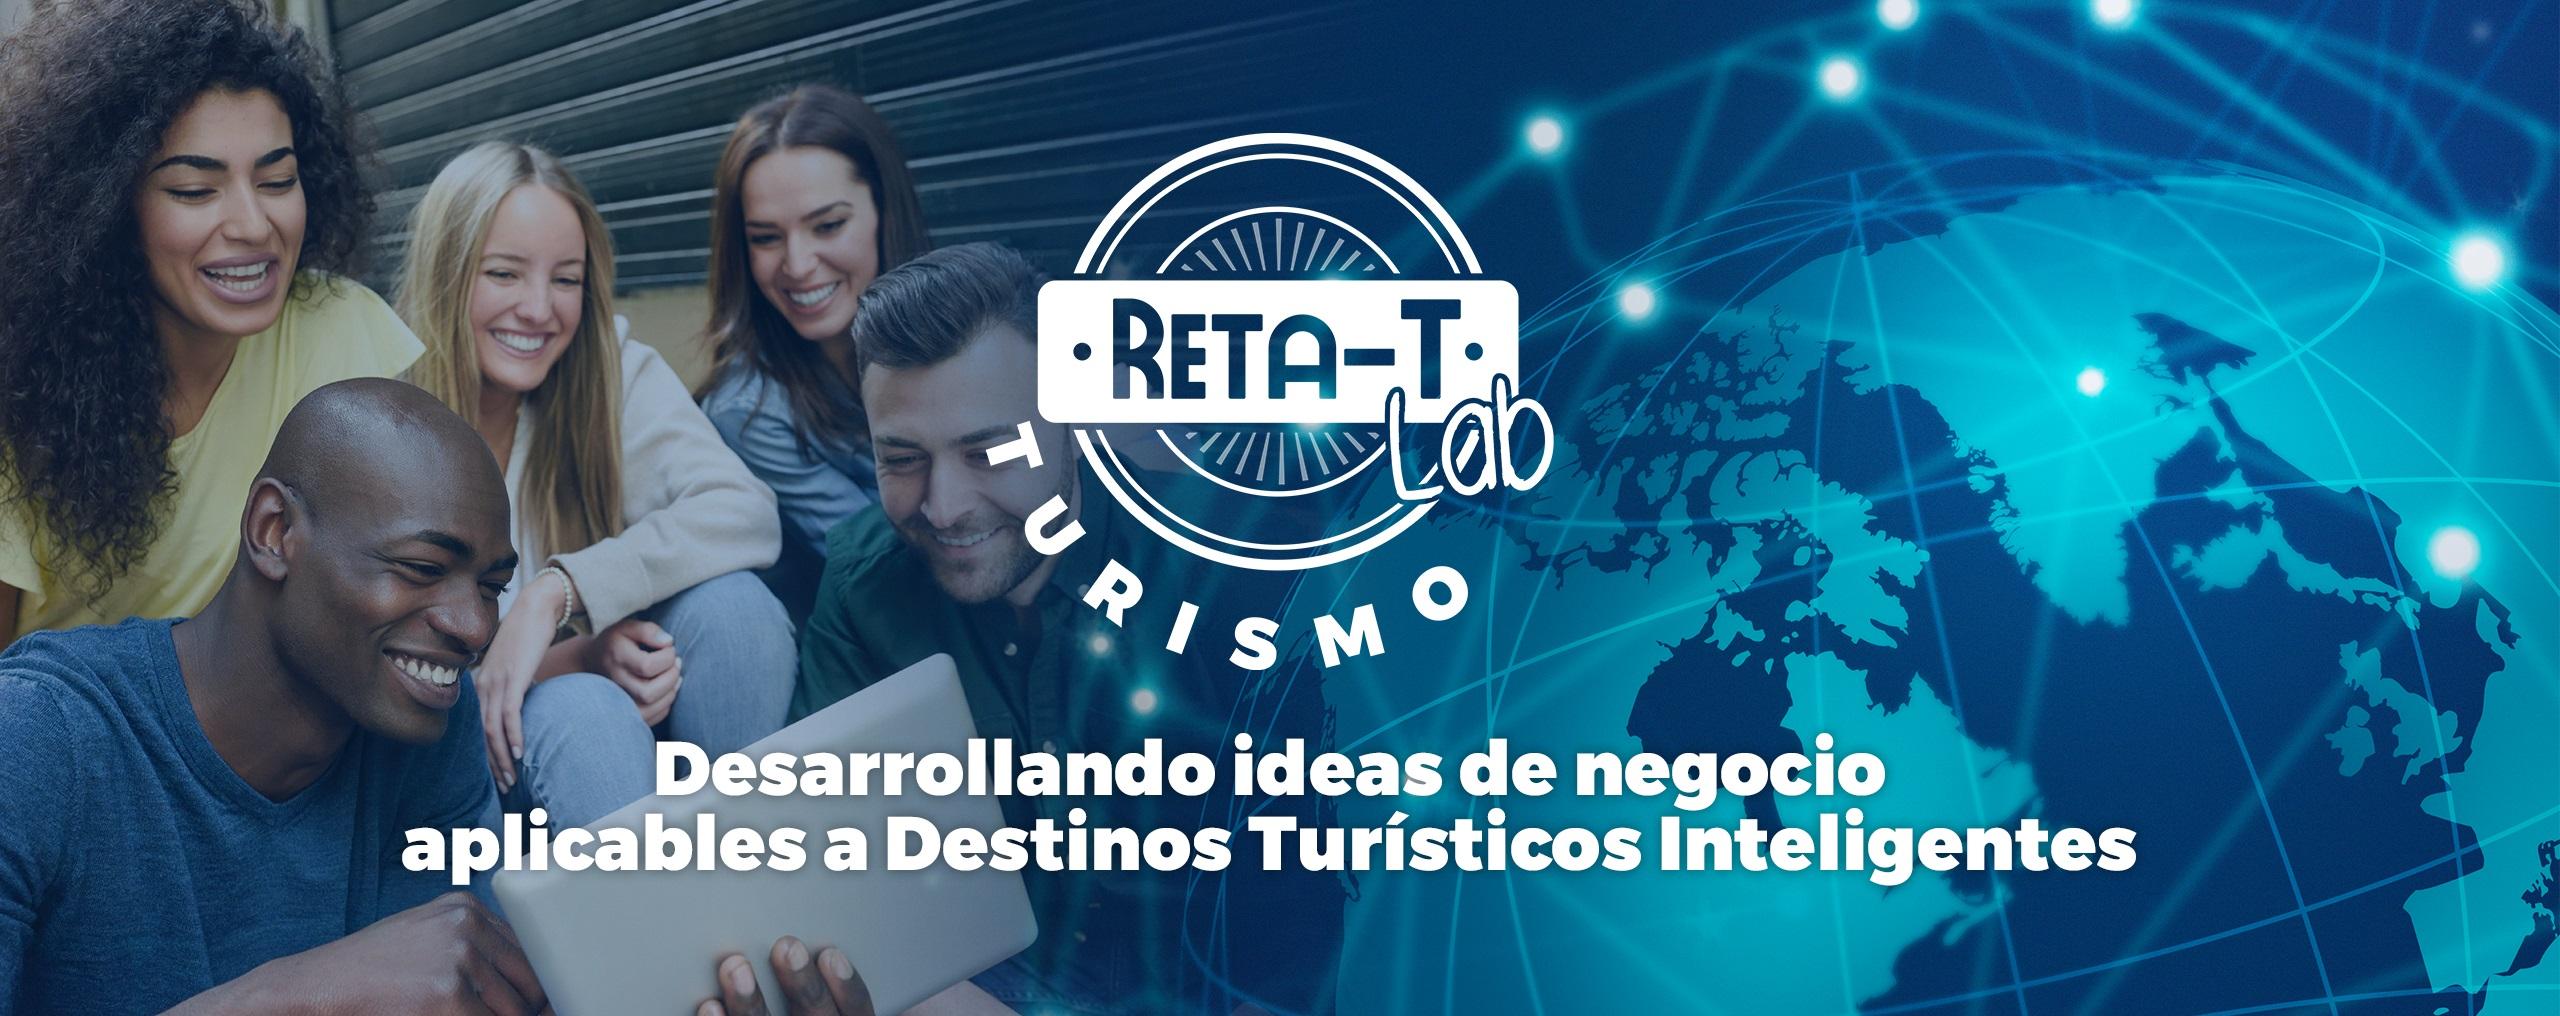 RETAT_TURISMO_PARQUECIENTIFICO